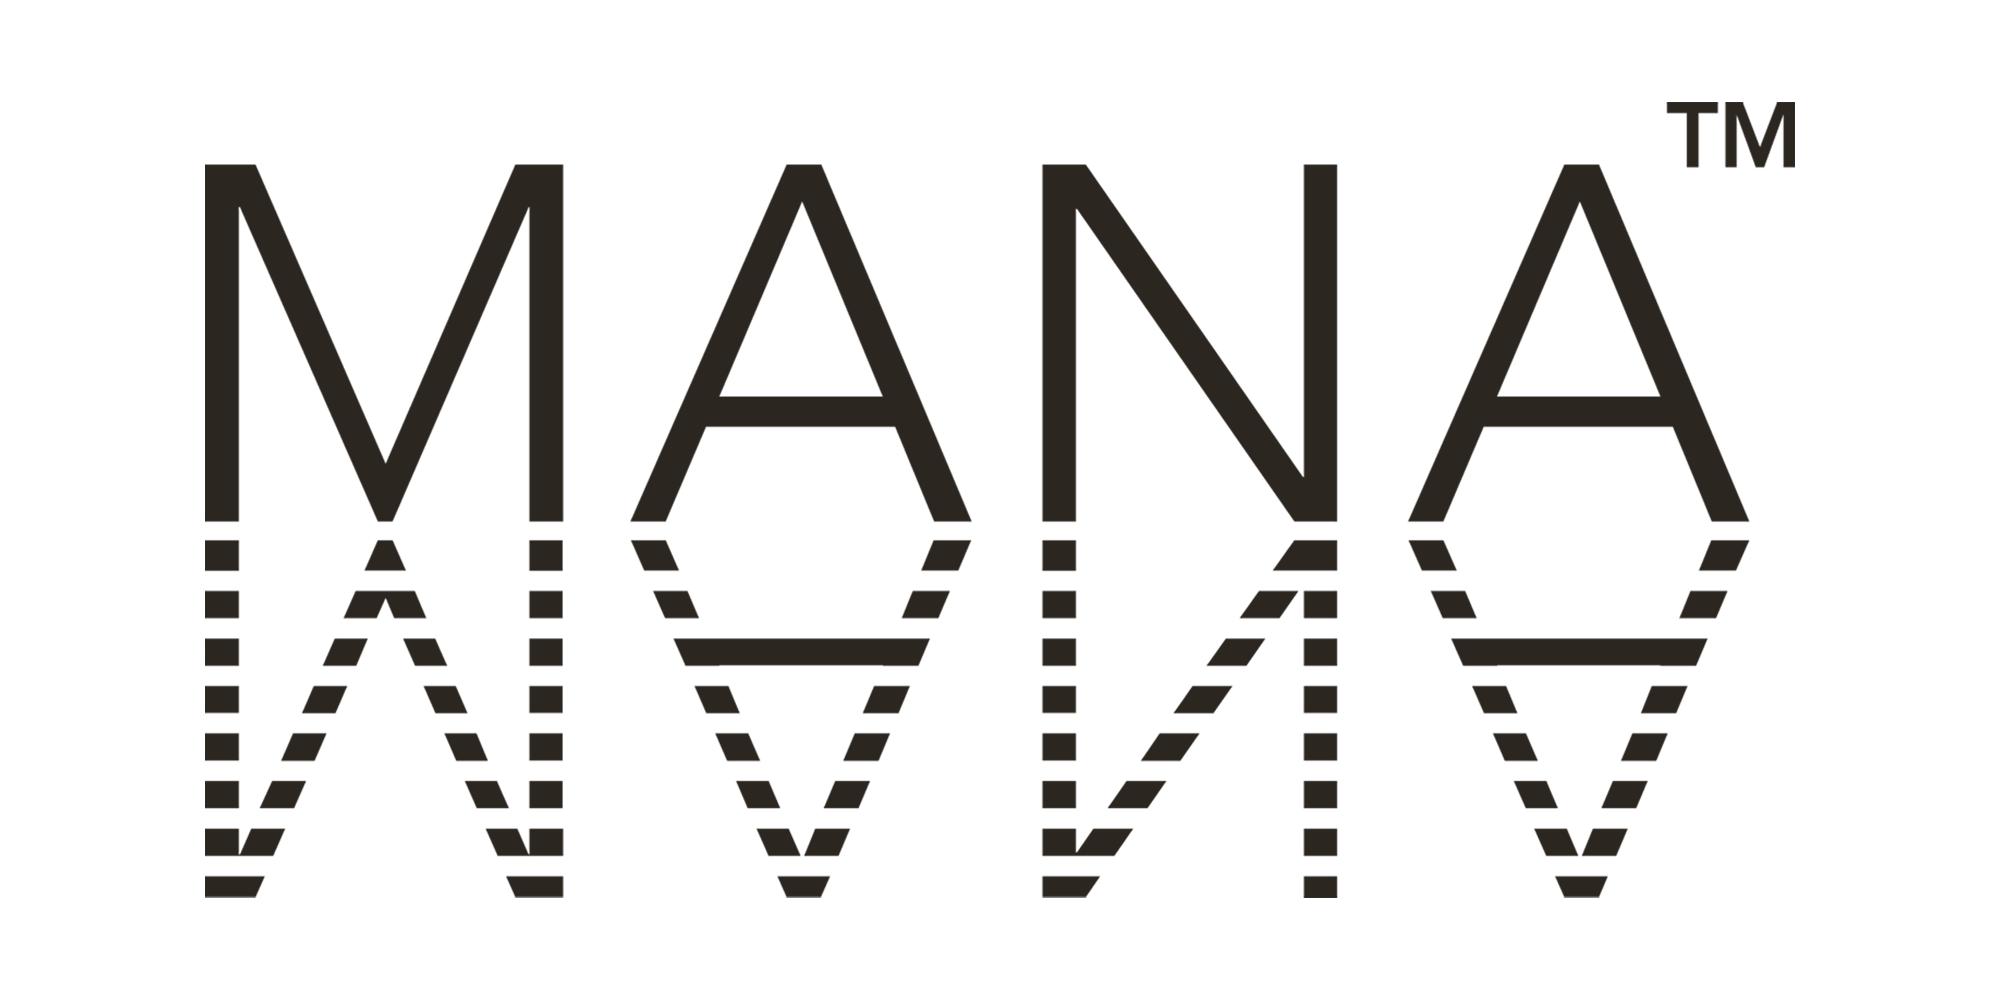 MojeMana